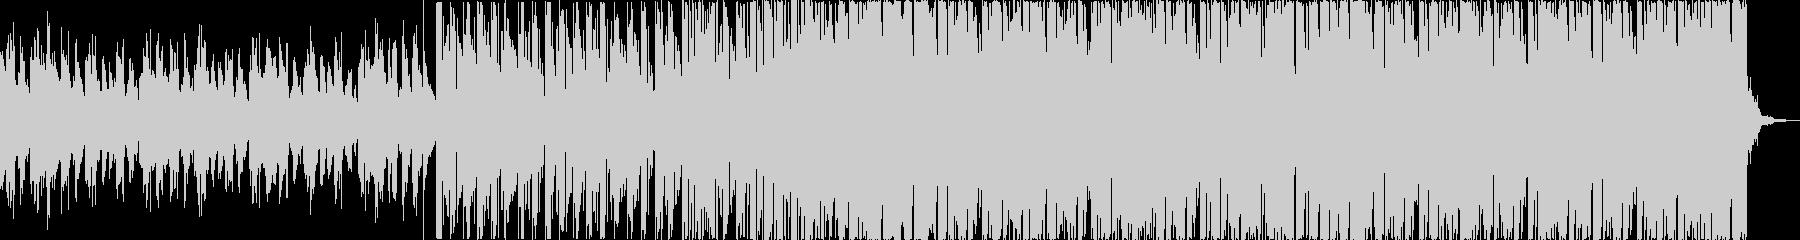 チルアウト軽快爽やかなトロピカルハウスfの未再生の波形